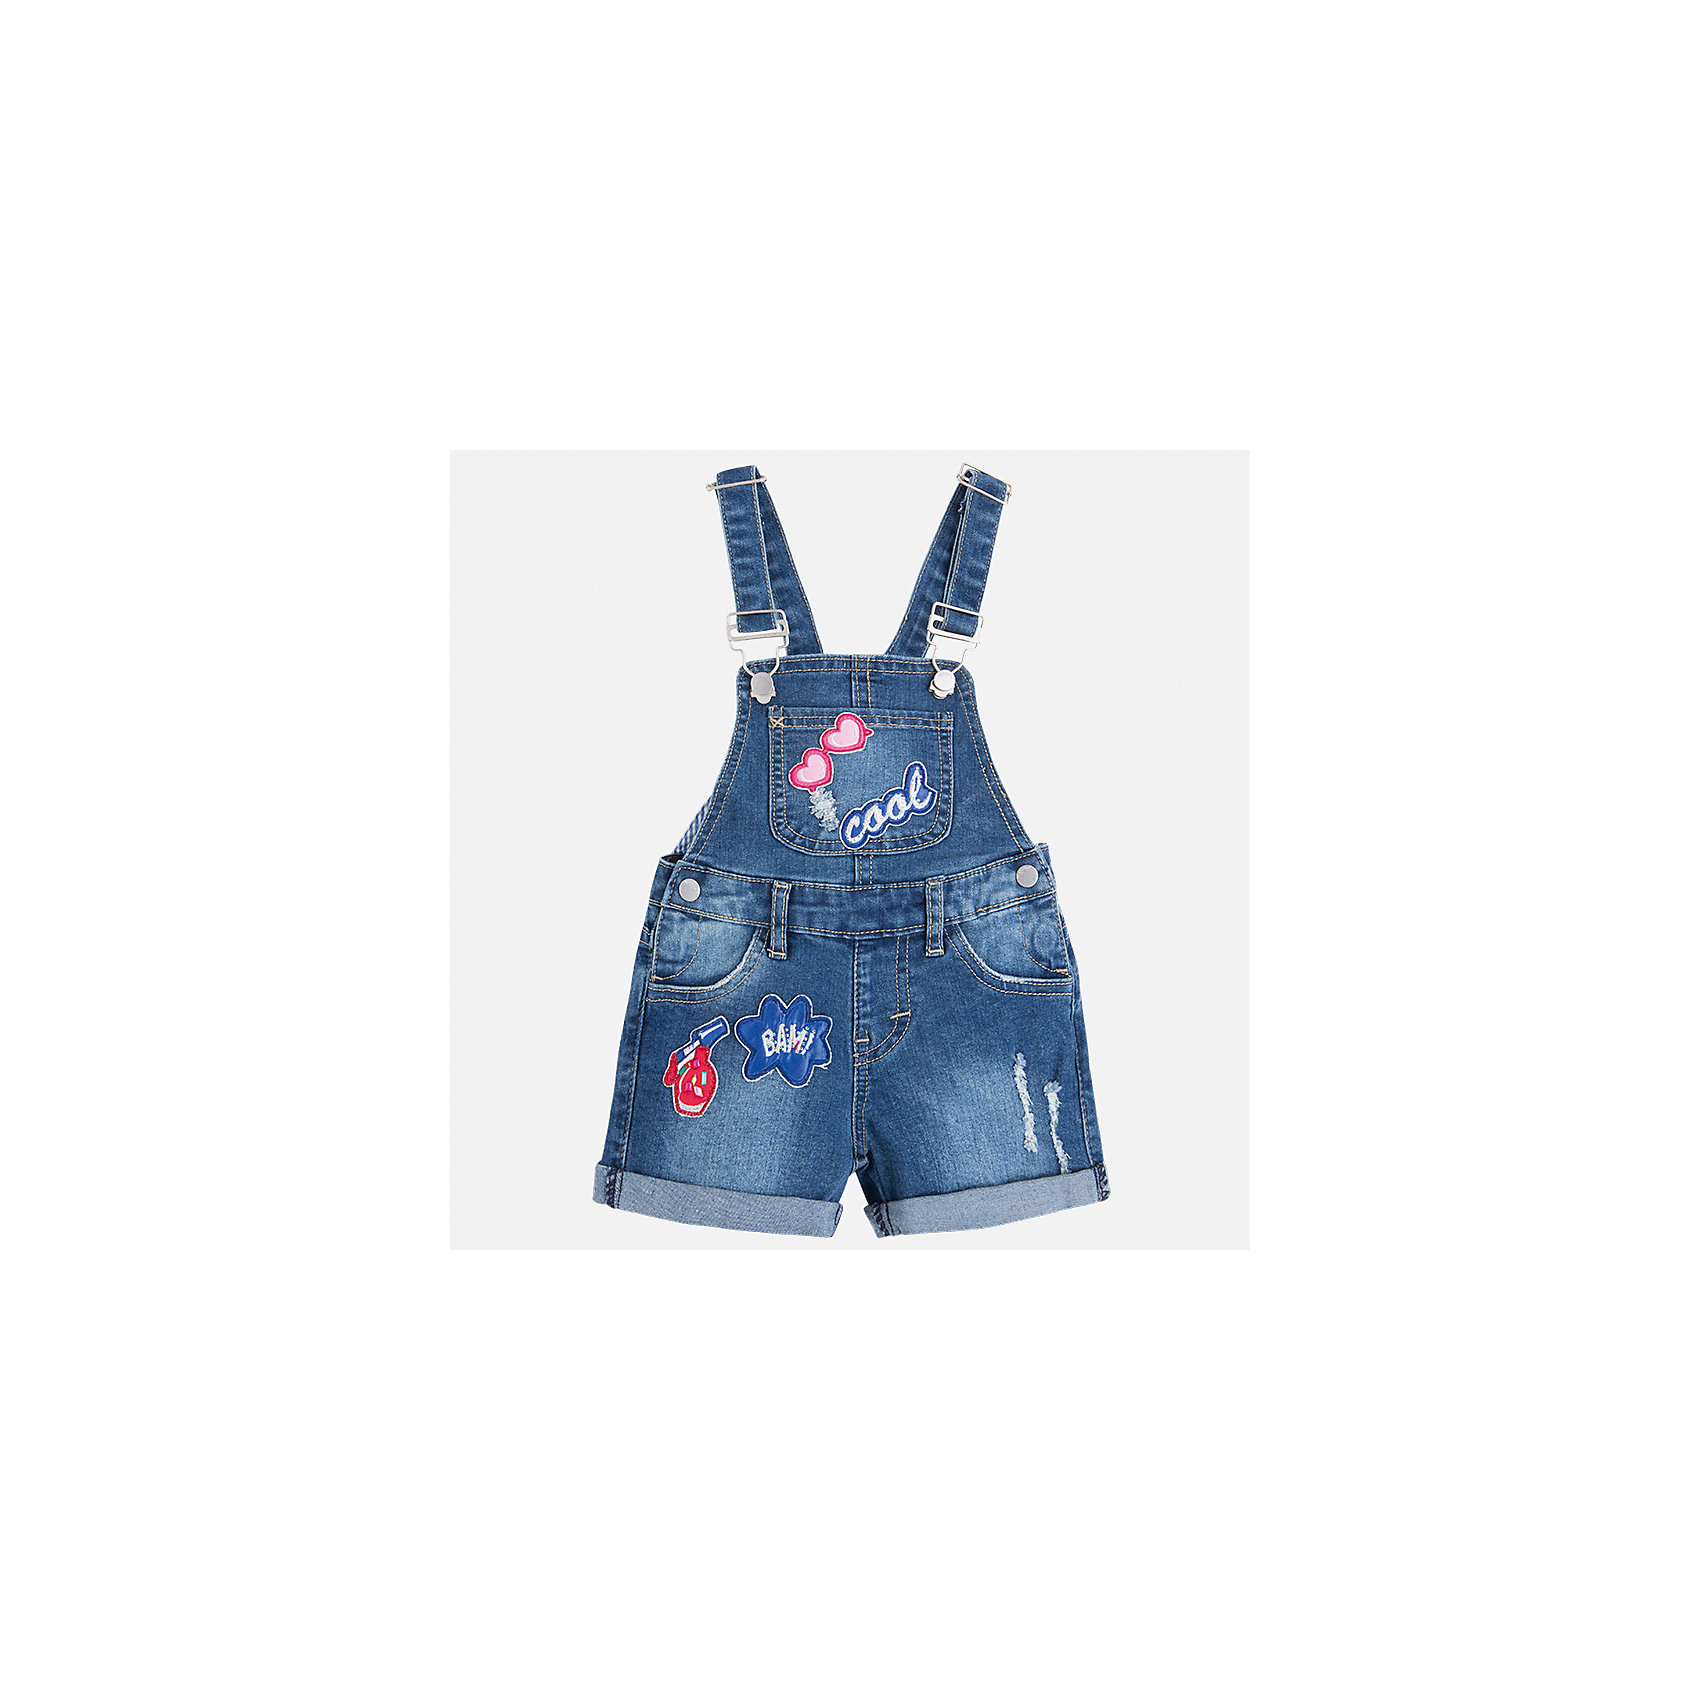 Комбинезон джинсовый для девочки MayoralКомбинезоны<br>Характеристики товара:<br><br>• цвет: синий<br>• состав: верх - 69% хлопок, 29% полиэстер, 2% эластан; подкладка - 93% полиэстер, 7% эластан<br>• шлевки<br>• карманы<br>• лямки с регулировкой объема<br>• декорирован вышивкой<br>• страна бренда: Испания<br><br>Стильный джинсовый комбинезон для девочки поможет разнообразить гардероб ребенка и украсить наряд. Он отлично сочетается с майками, футболками, блузками и т.д. Универсальный цвет позволяет подобрать к вещи верх разных расцветок. Интересная отделка модели делает её нарядной и оригинальной. В составе материала - натуральный хлопок, гипоаллергенный, приятный на ощупь, дышащий.<br><br>Одежда, обувь и аксессуары от испанского бренда Mayoral полюбились детям и взрослым по всему миру. Модели этой марки - стильные и удобные. Для их производства используются только безопасные, качественные материалы и фурнитура. Порадуйте ребенка модными и красивыми вещами от Mayoral! <br><br>Комбинезон для девочки от испанского бренда Mayoral (Майорал) можно купить в нашем интернет-магазине.<br><br>Ширина мм: 215<br>Глубина мм: 88<br>Высота мм: 191<br>Вес г: 336<br>Цвет: синий<br>Возраст от месяцев: 48<br>Возраст до месяцев: 60<br>Пол: Женский<br>Возраст: Детский<br>Размер: 110,116,122,128,134,92,98,104<br>SKU: 5290416